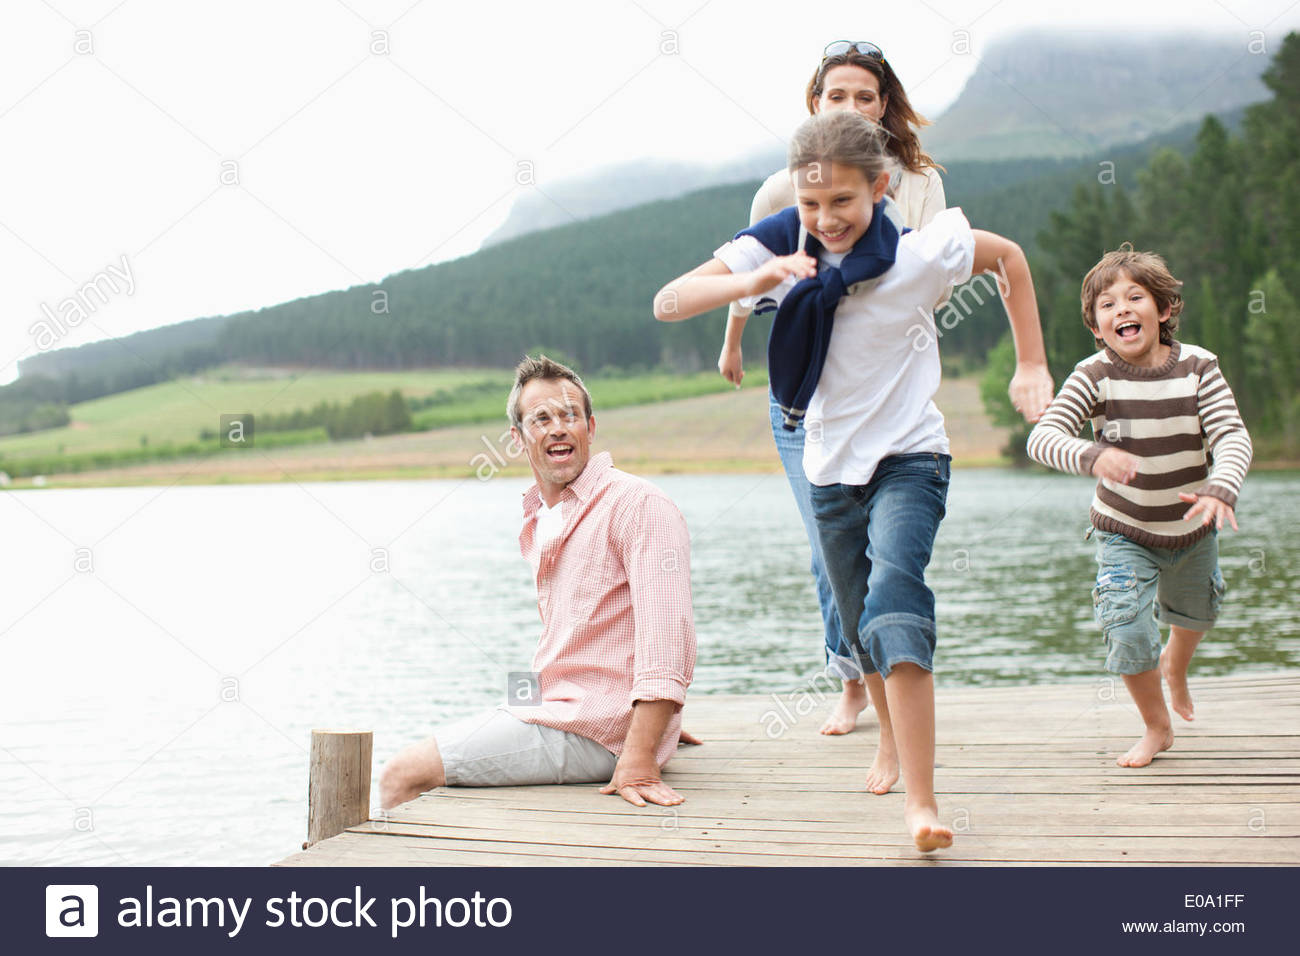 Los niños corriendo en el muelle por el lago Imagen De Stock